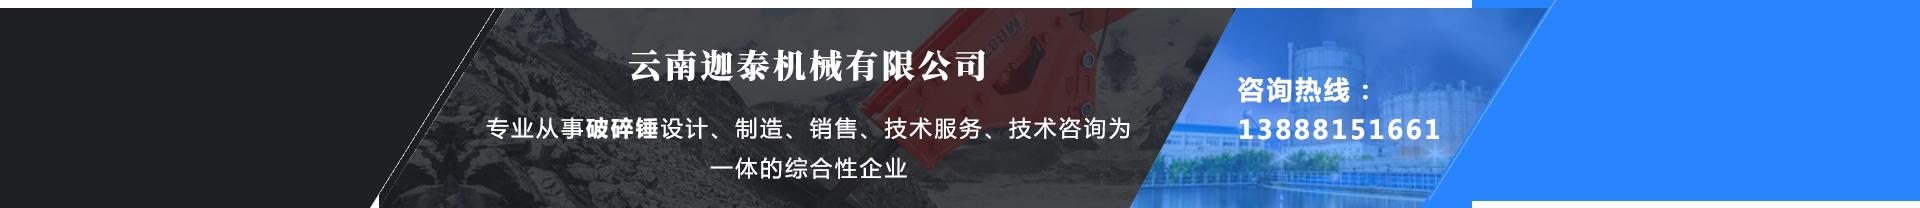 云南迦泰机械有限公司咨询热线:13888151661